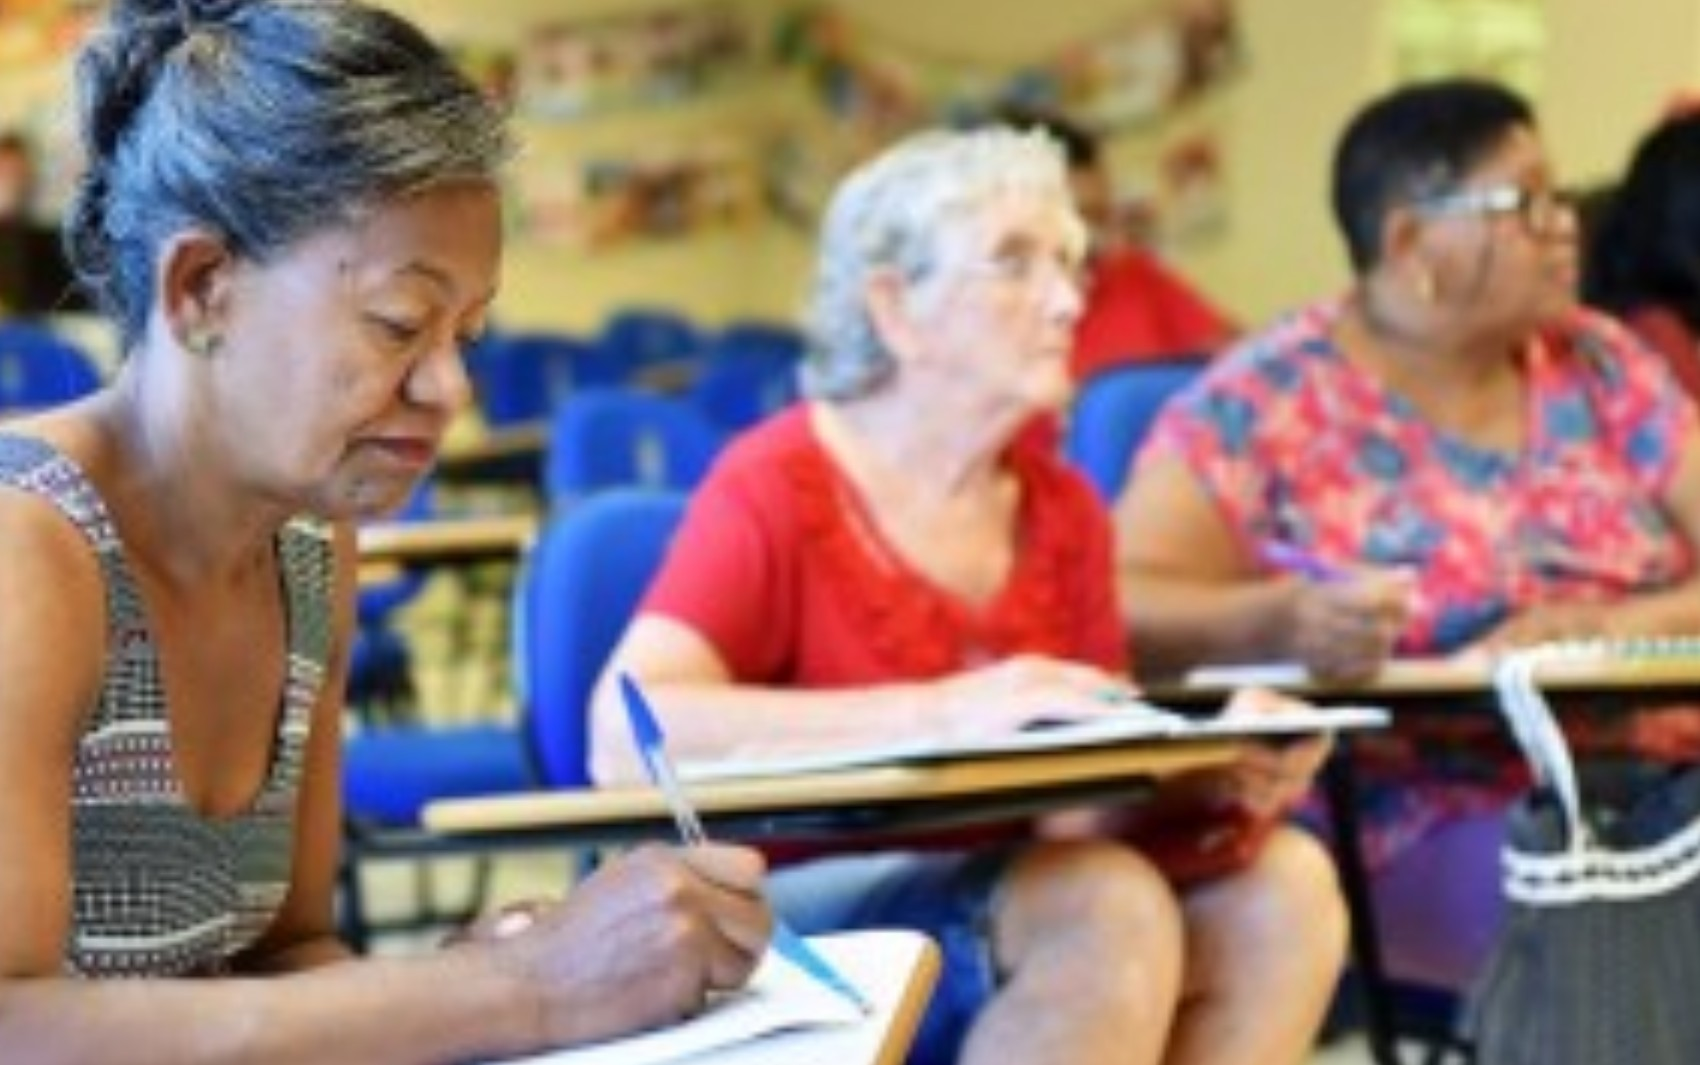 Projeto promove alfabetização gratuita para adultos, em Goiânia